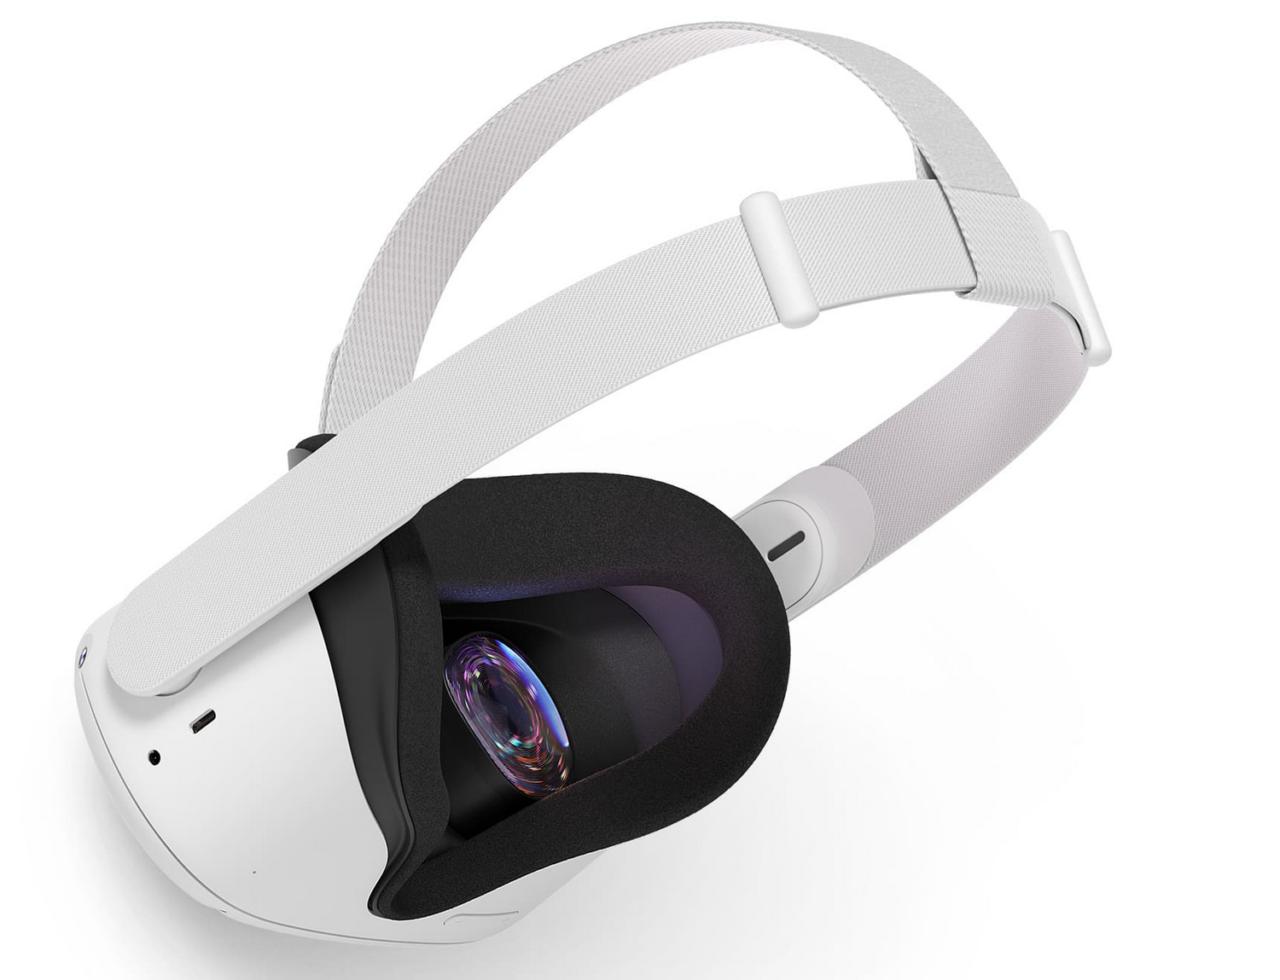 Facebooknovo Oculus Quest 2 O fone de ouvido VR é mais nítido, rápido e também mais barato por US $ 299 2